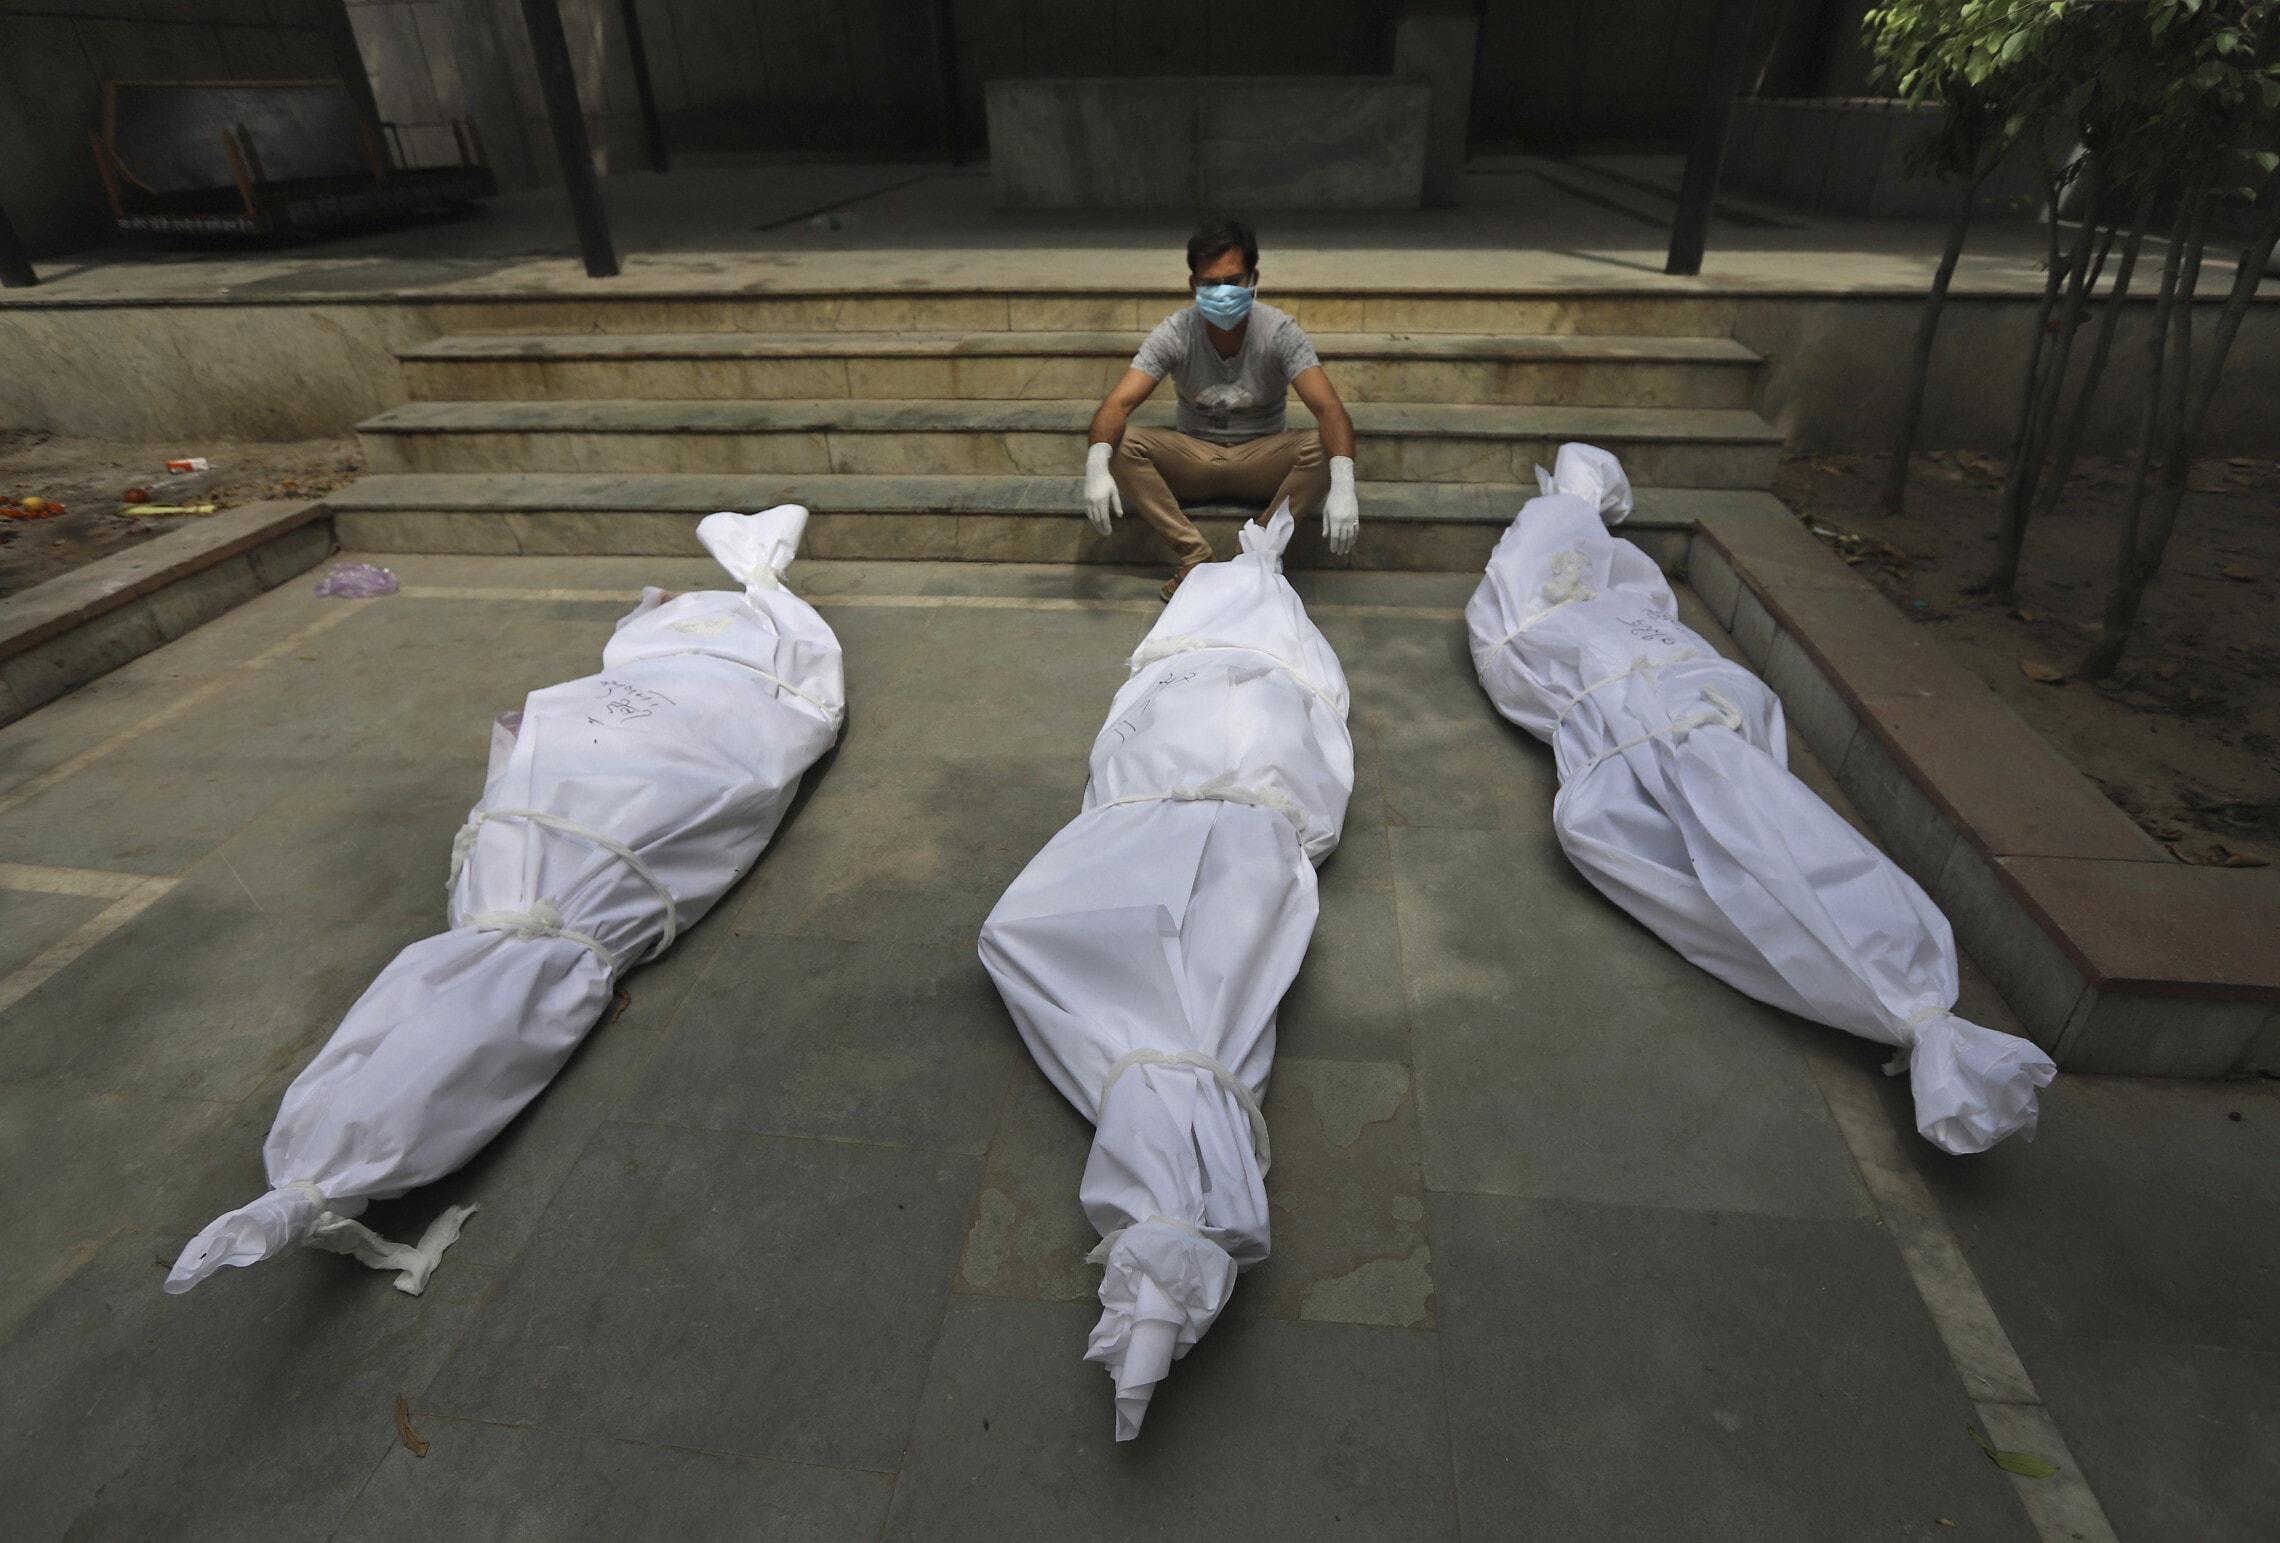 אזרח הודי עם גופות בני משפחתו שמתו מנגיף הקורונה בניו דלהי, הודו, 20 באפריל 2021 (צילום: AP Photo)